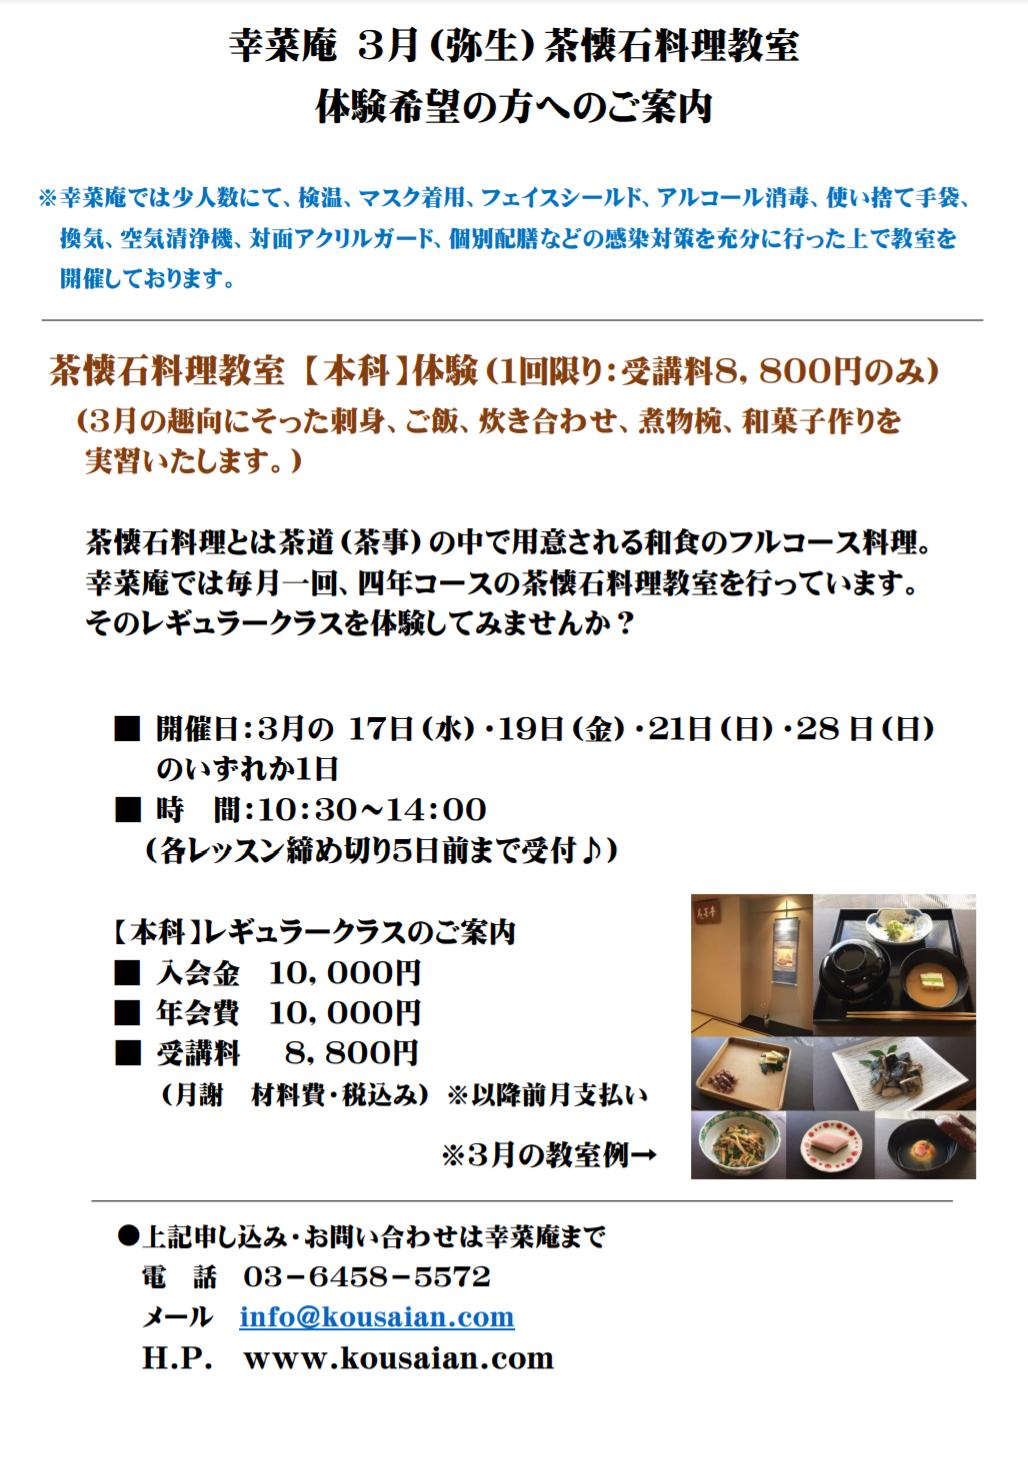 3月(弥生)幸菜庵 の茶懐石料理教室本科 体験レッスン ご予約受付中